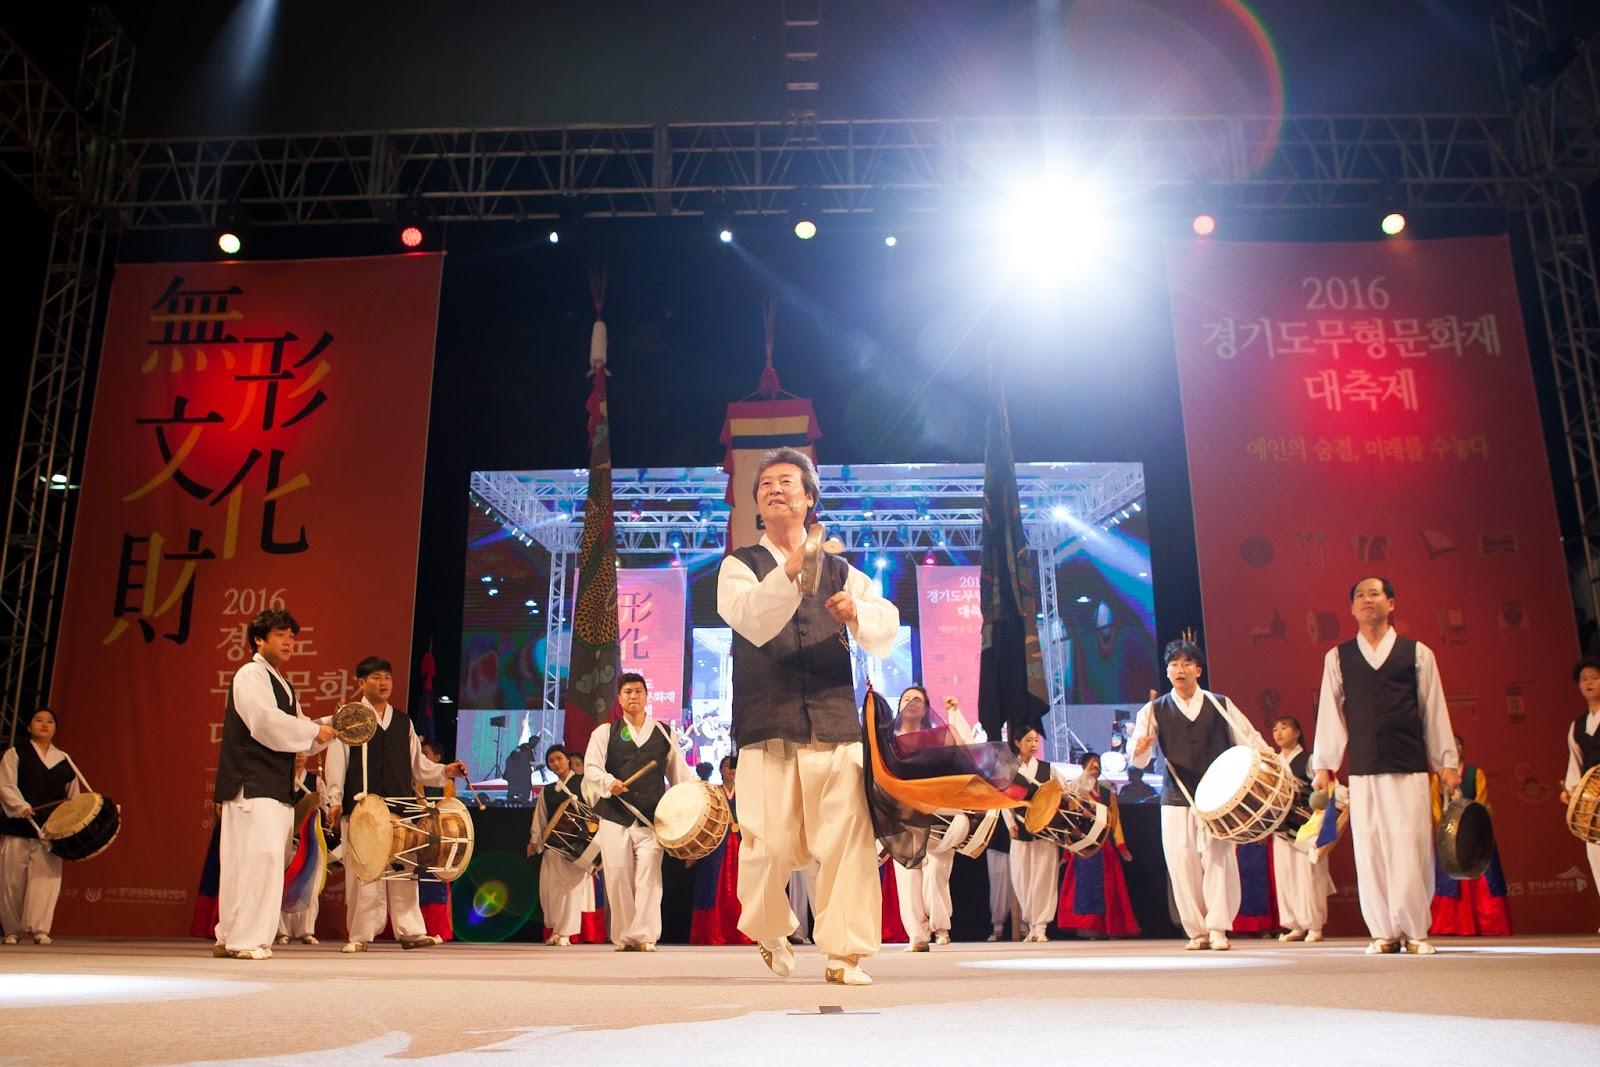 京畿道無形文化財大祭